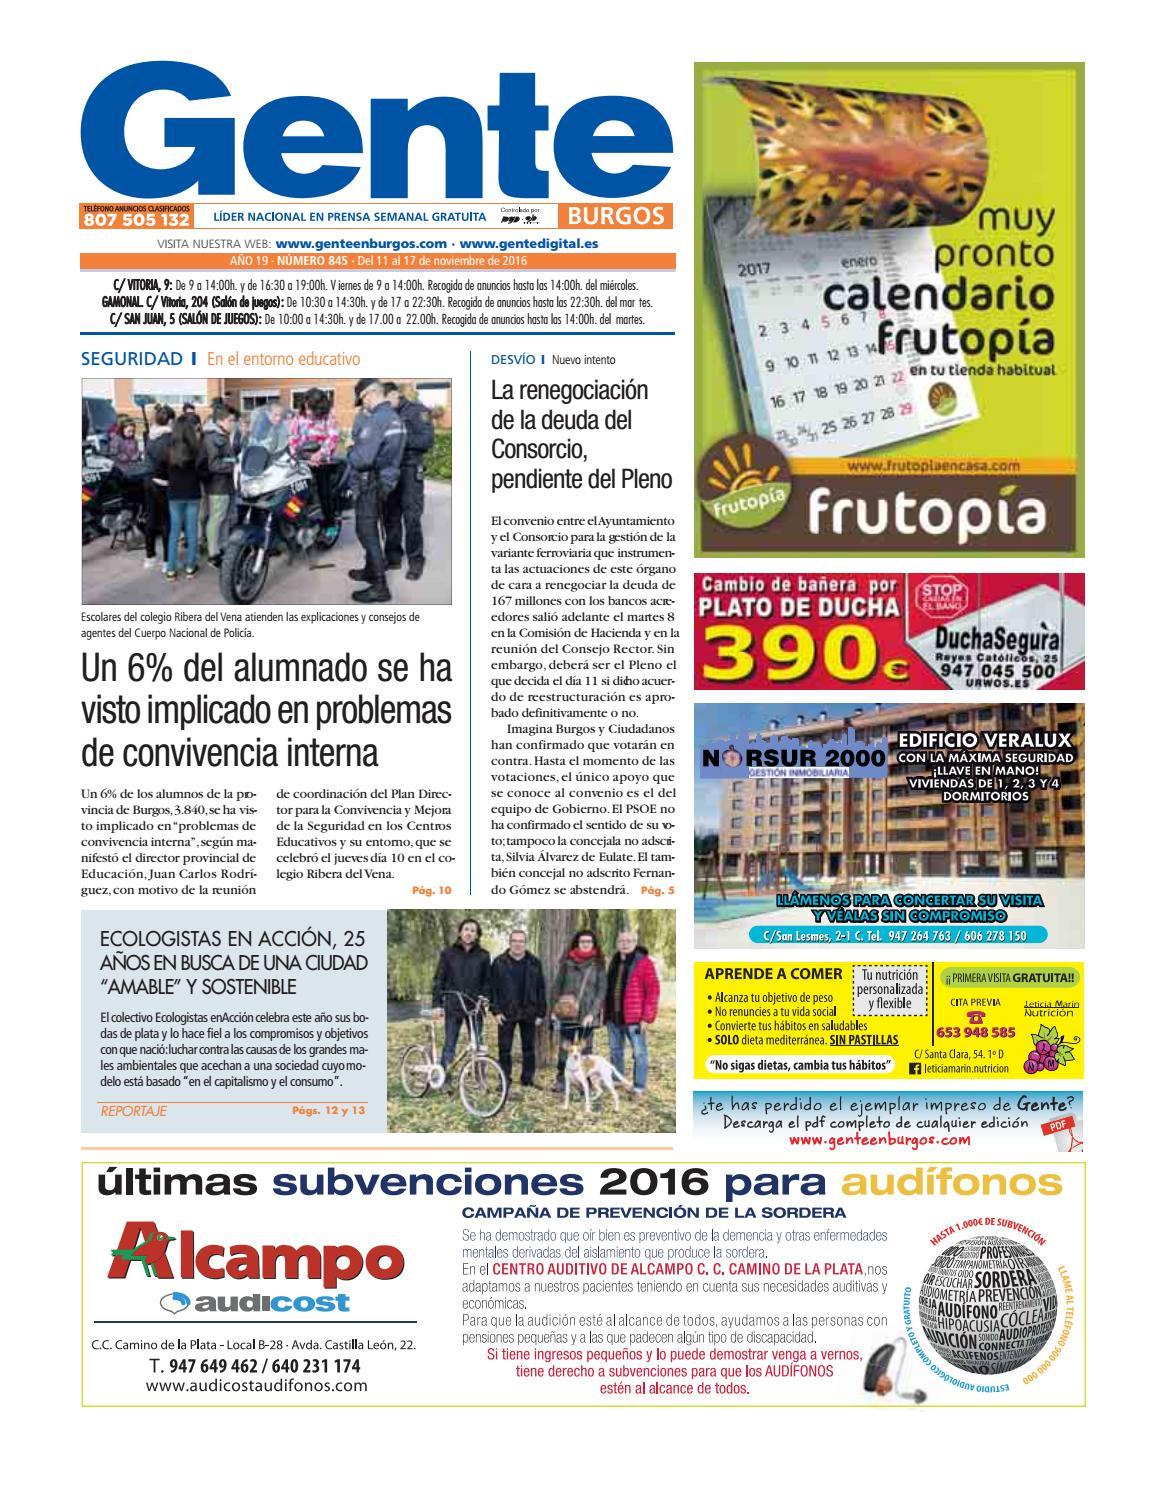 Conocer Gente Badajoz Aqu 482258